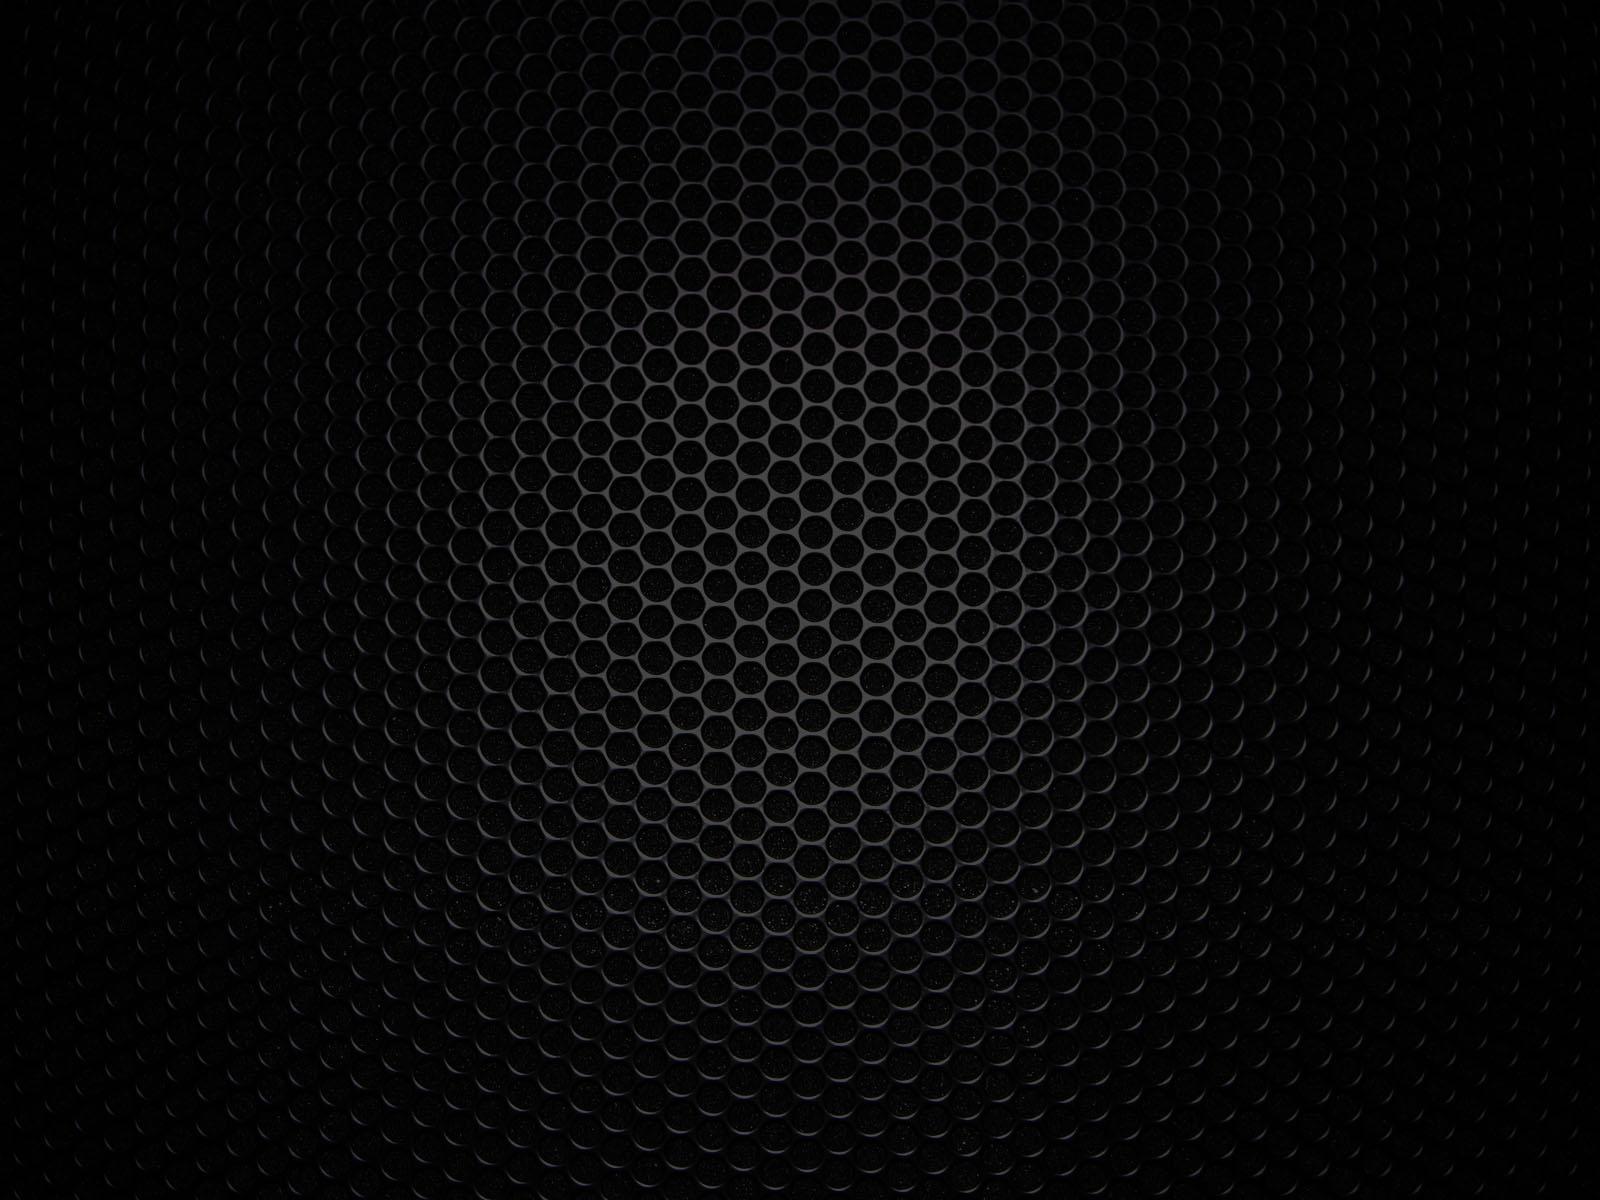 Carbon Fiber PNG - 139669